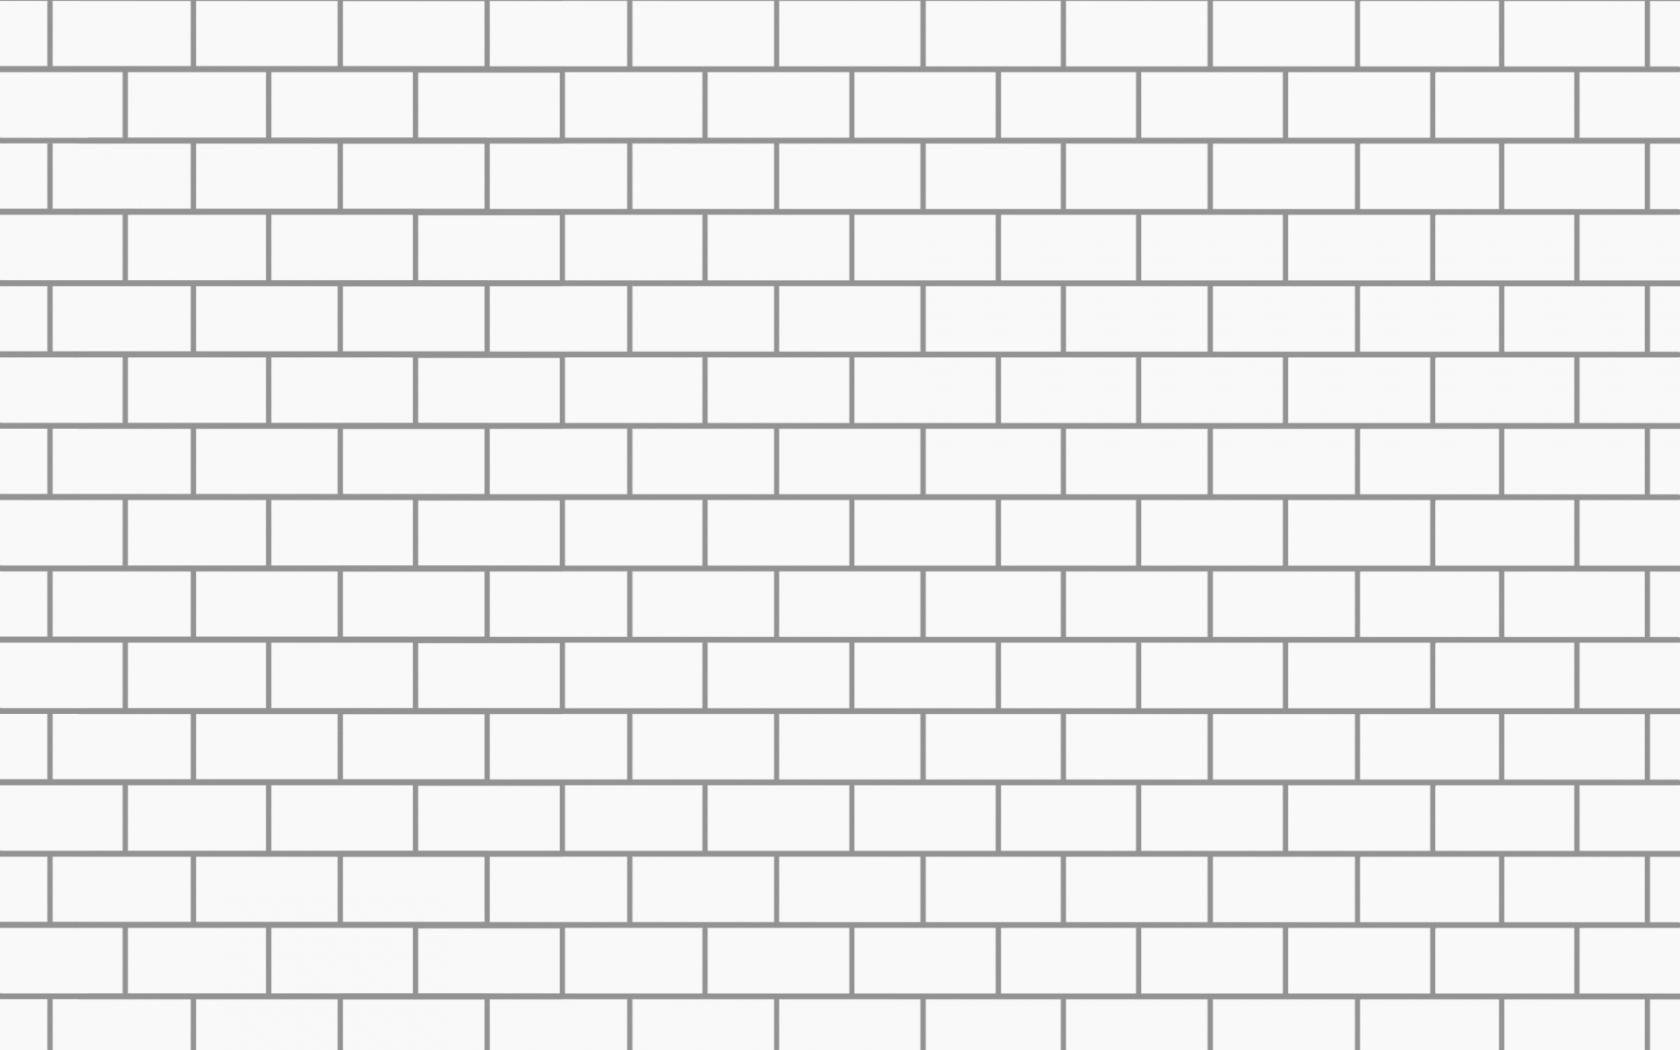 Pared de ladrillos blancos hd 1680x1050 imagenes - Ladrillos para pared ...